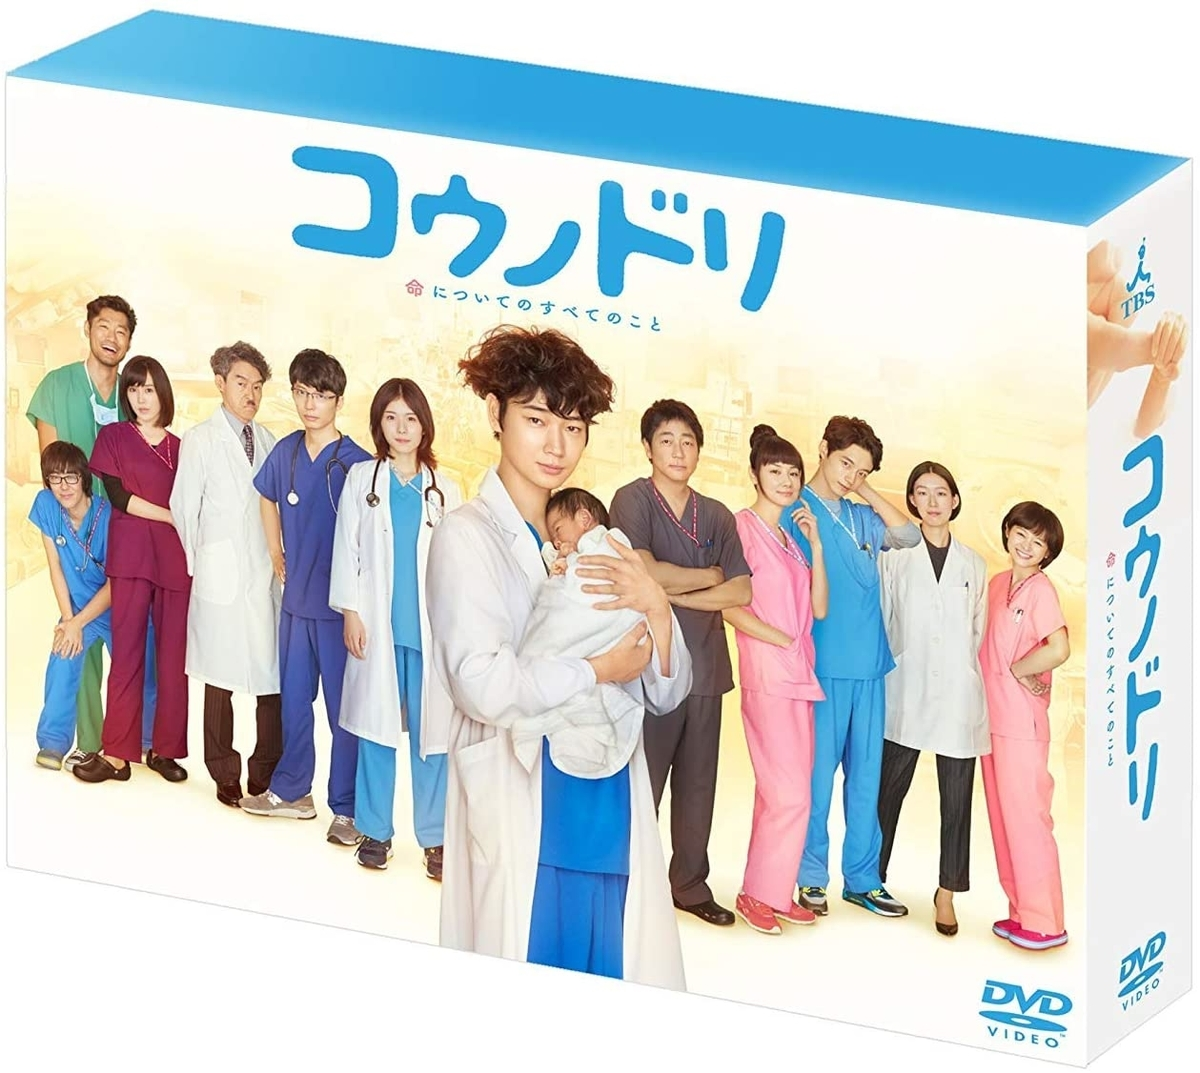 『コウノドリ DVD-BOX』、TCエンタテインメント、2016年